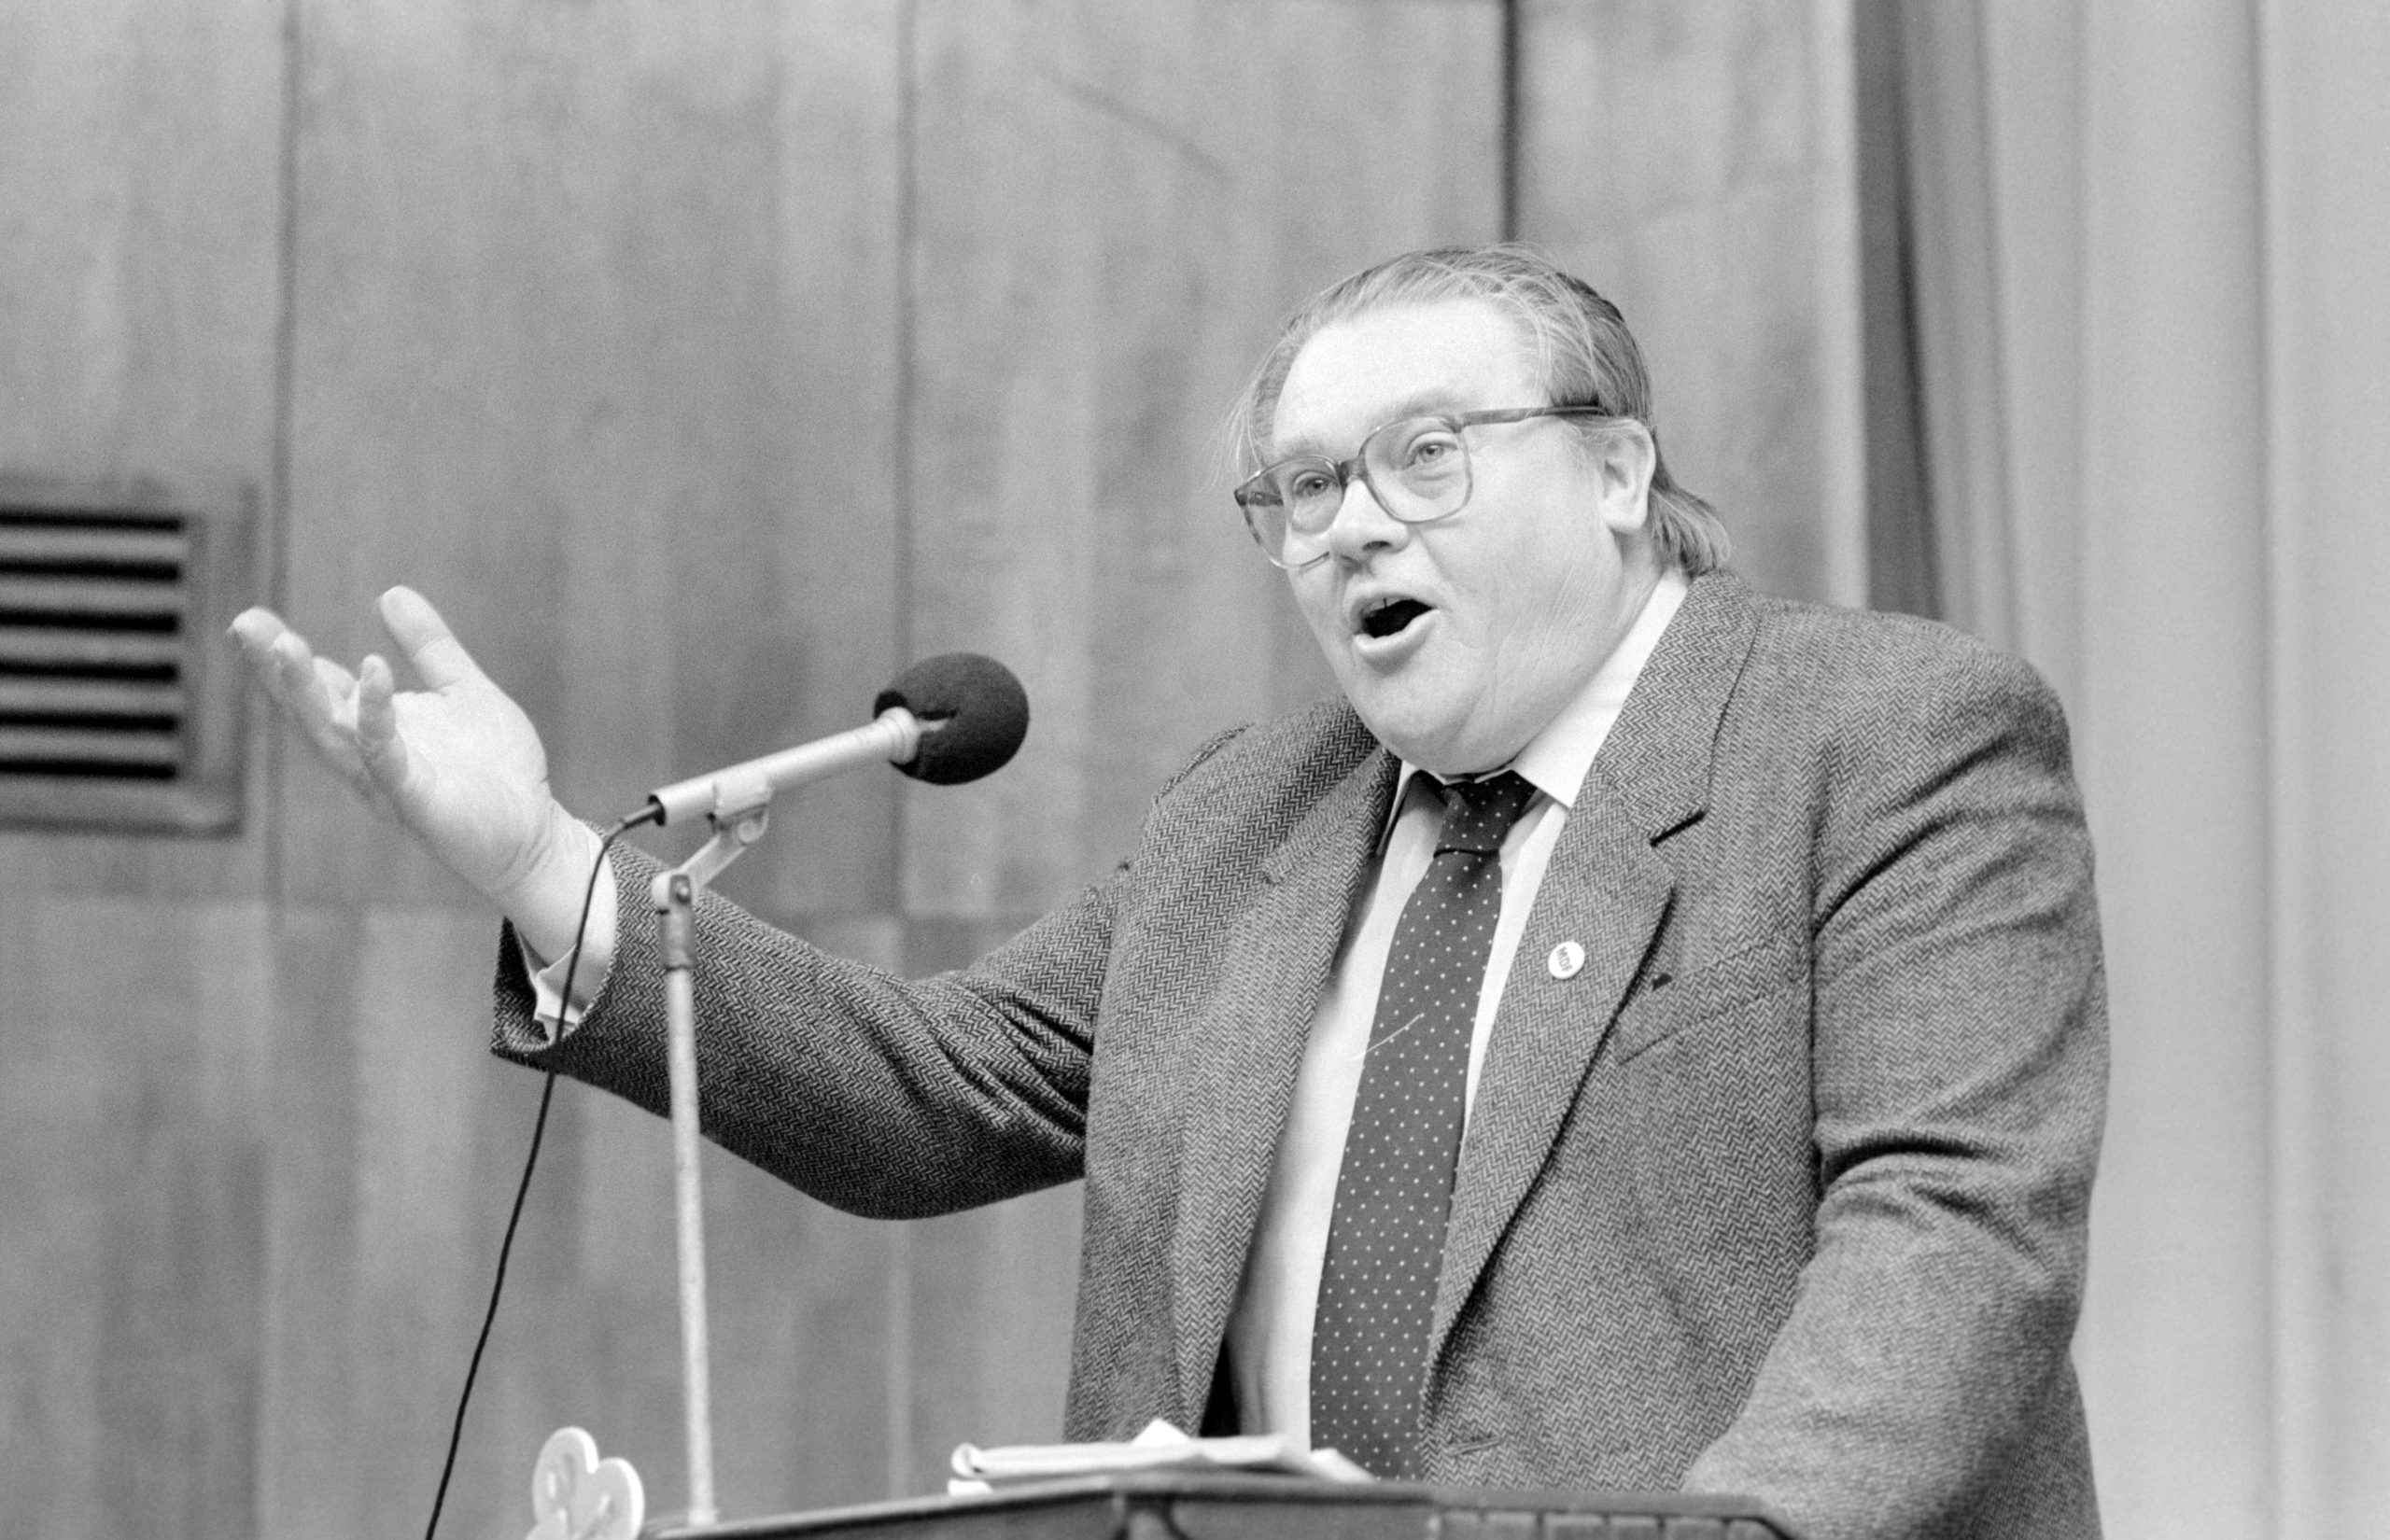 Csurka István, a párt egyik alapító tagja beszél a Magyar Demokrata Fórum (MDF) választási nagygyûlésén a békéscsabai Ifjúsági Házban.<br /> MTI Fotó: Németh György